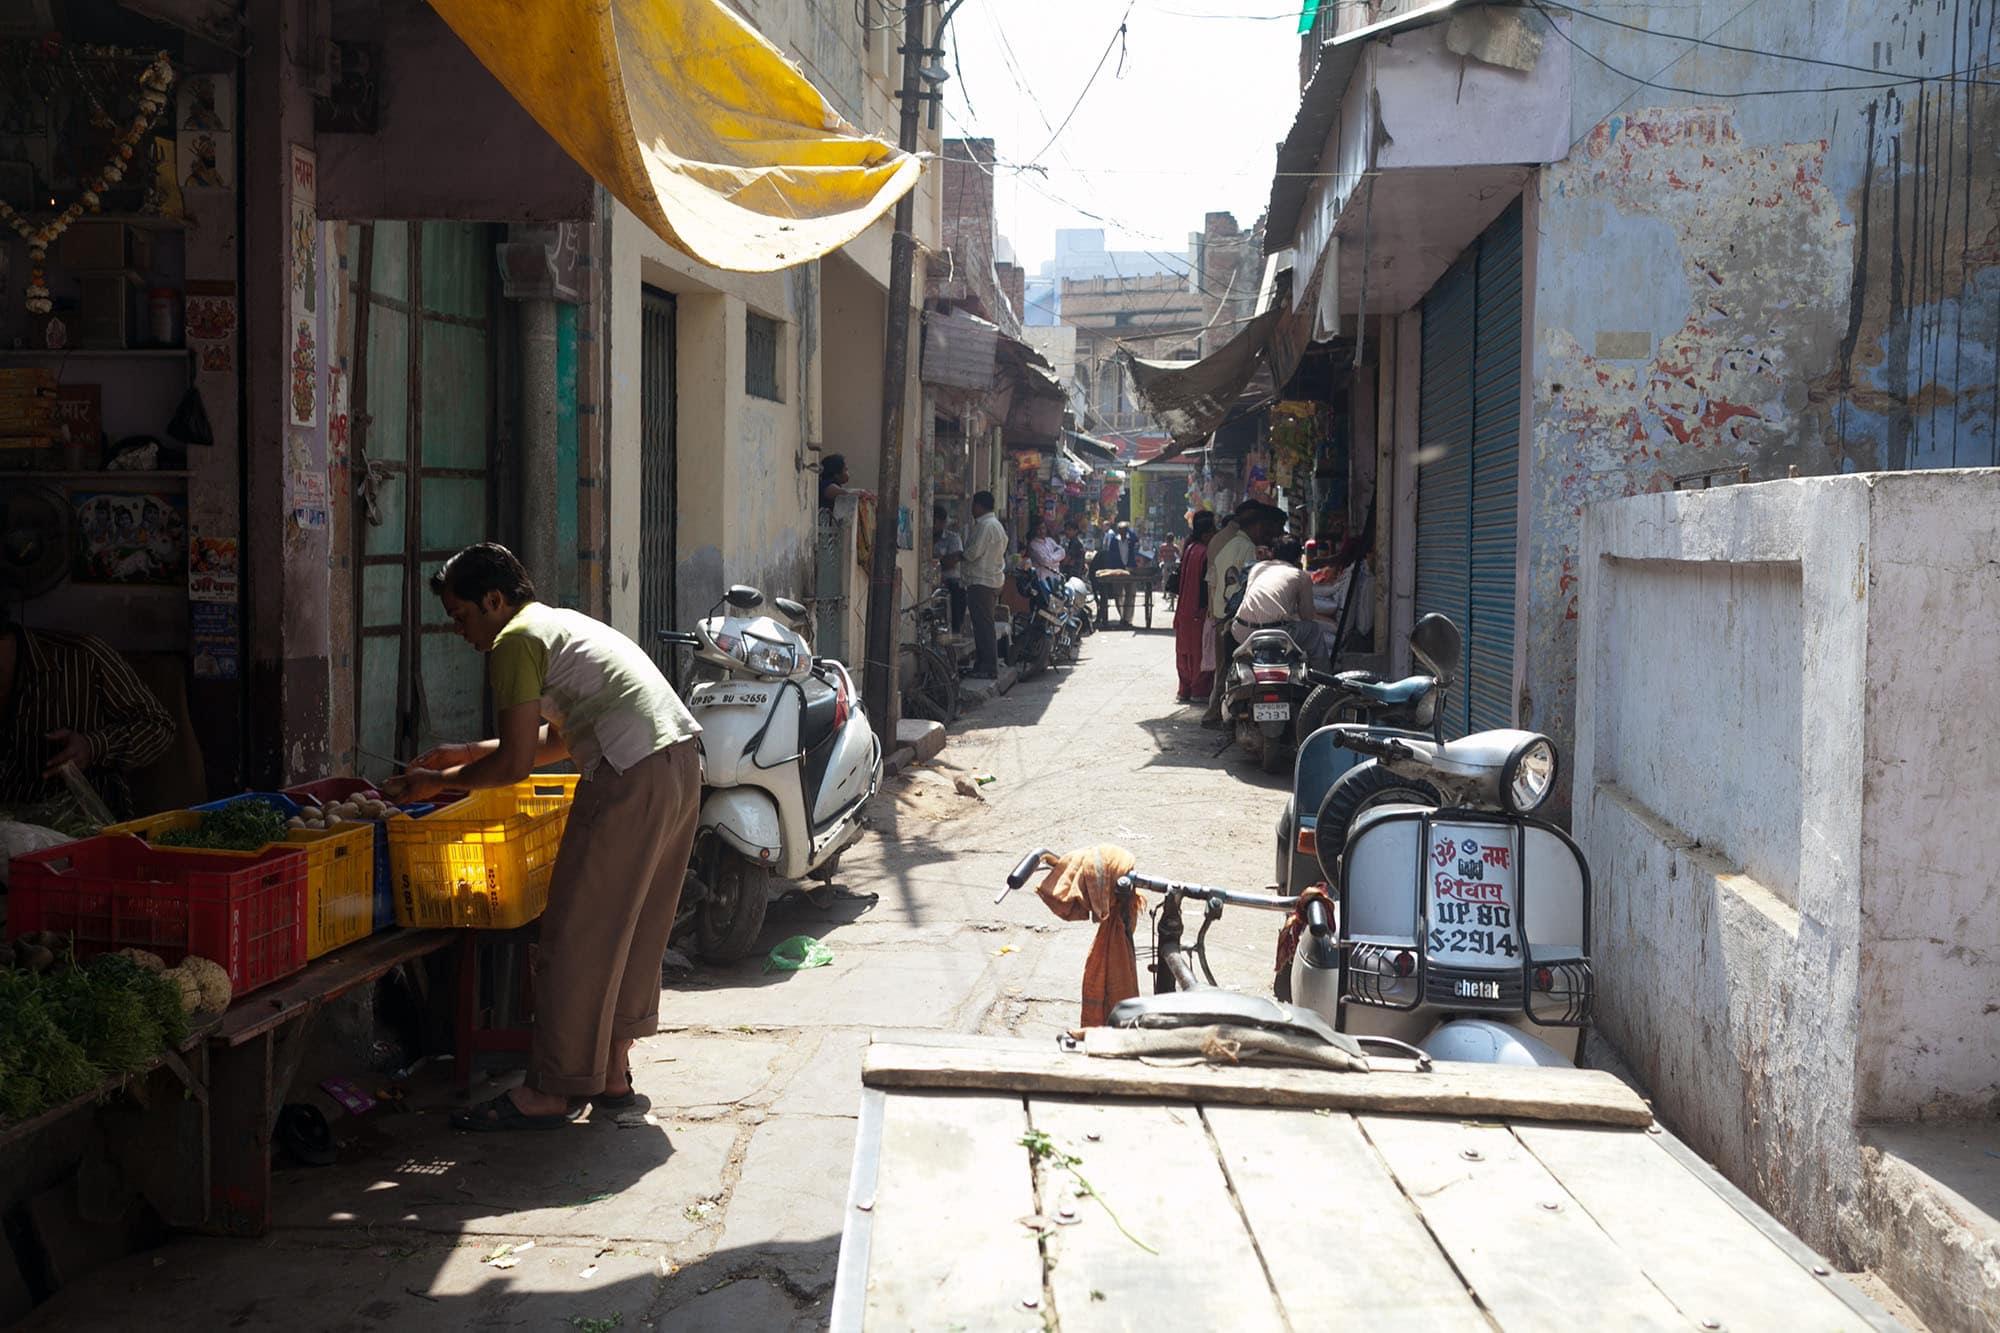 Agra, IndAgra, Indiaia